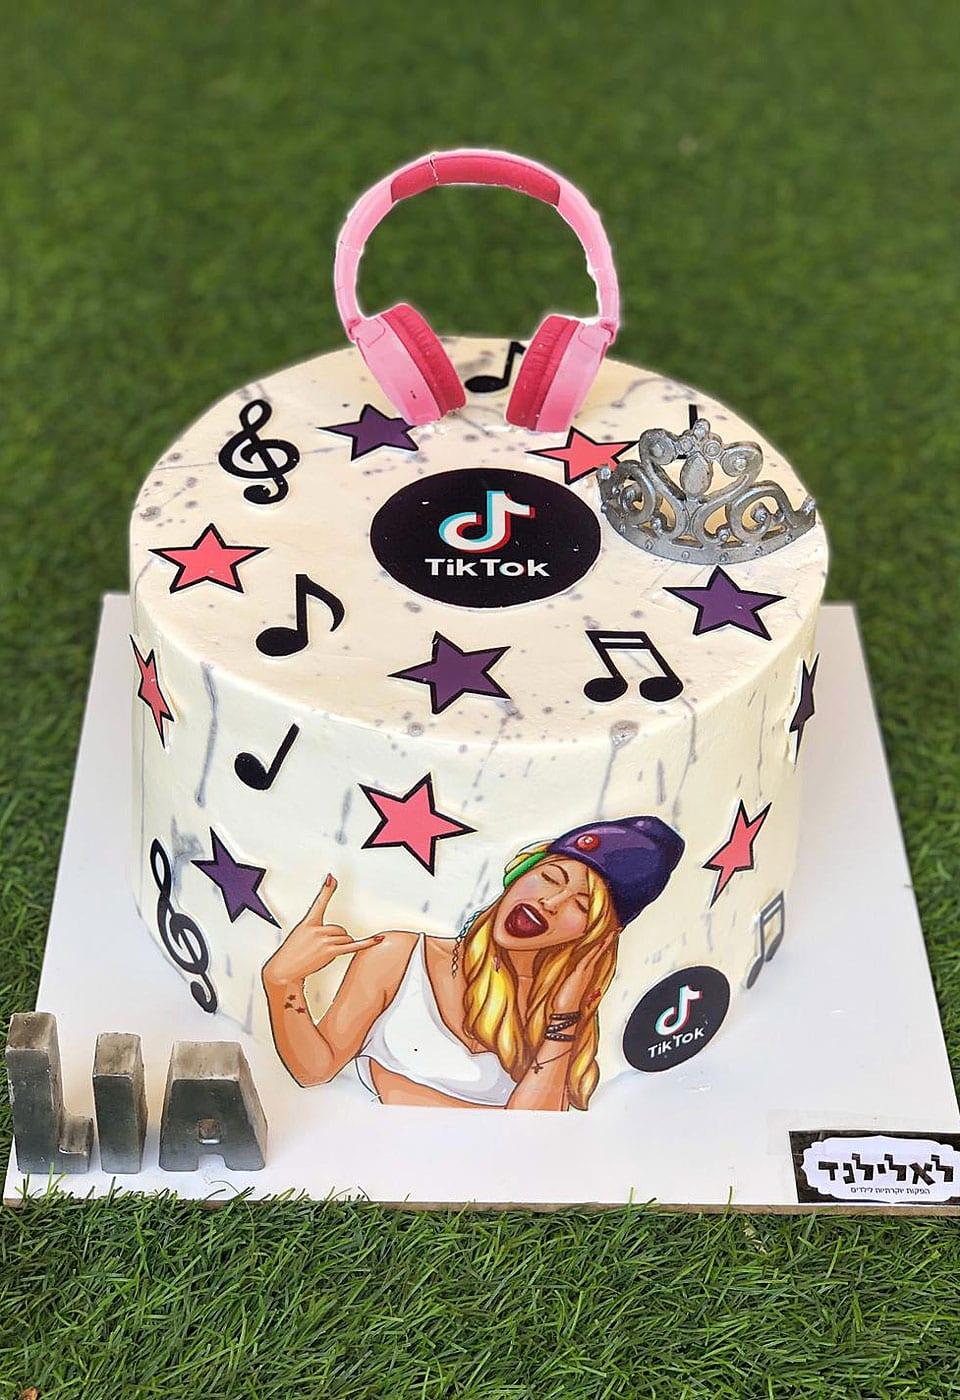 עוגת יום הולדת טיק טוק ליה